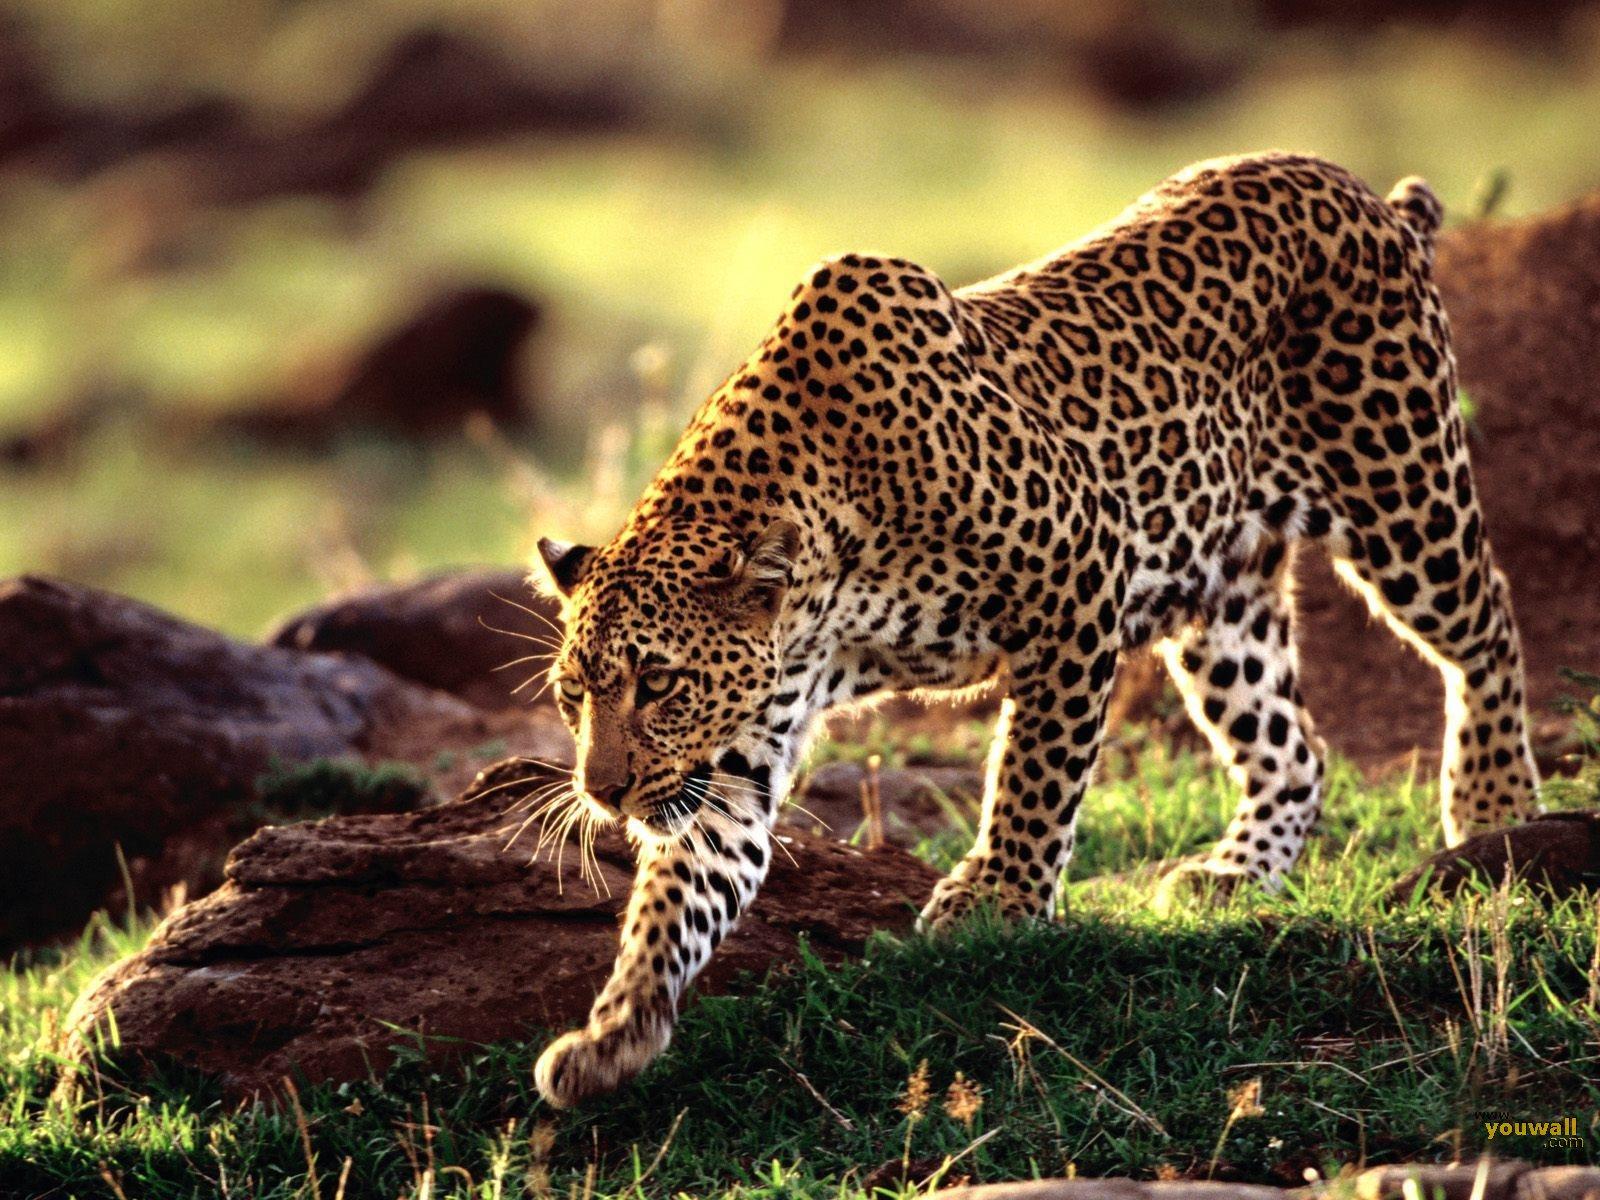 http://1.bp.blogspot.com/-0kpjUZ3wz_Q/TXoPLrwK2II/AAAAAAAABGM/3Xdau6Ip4rY/s1600/animal%2Bwallpaper-cheetah.jpg